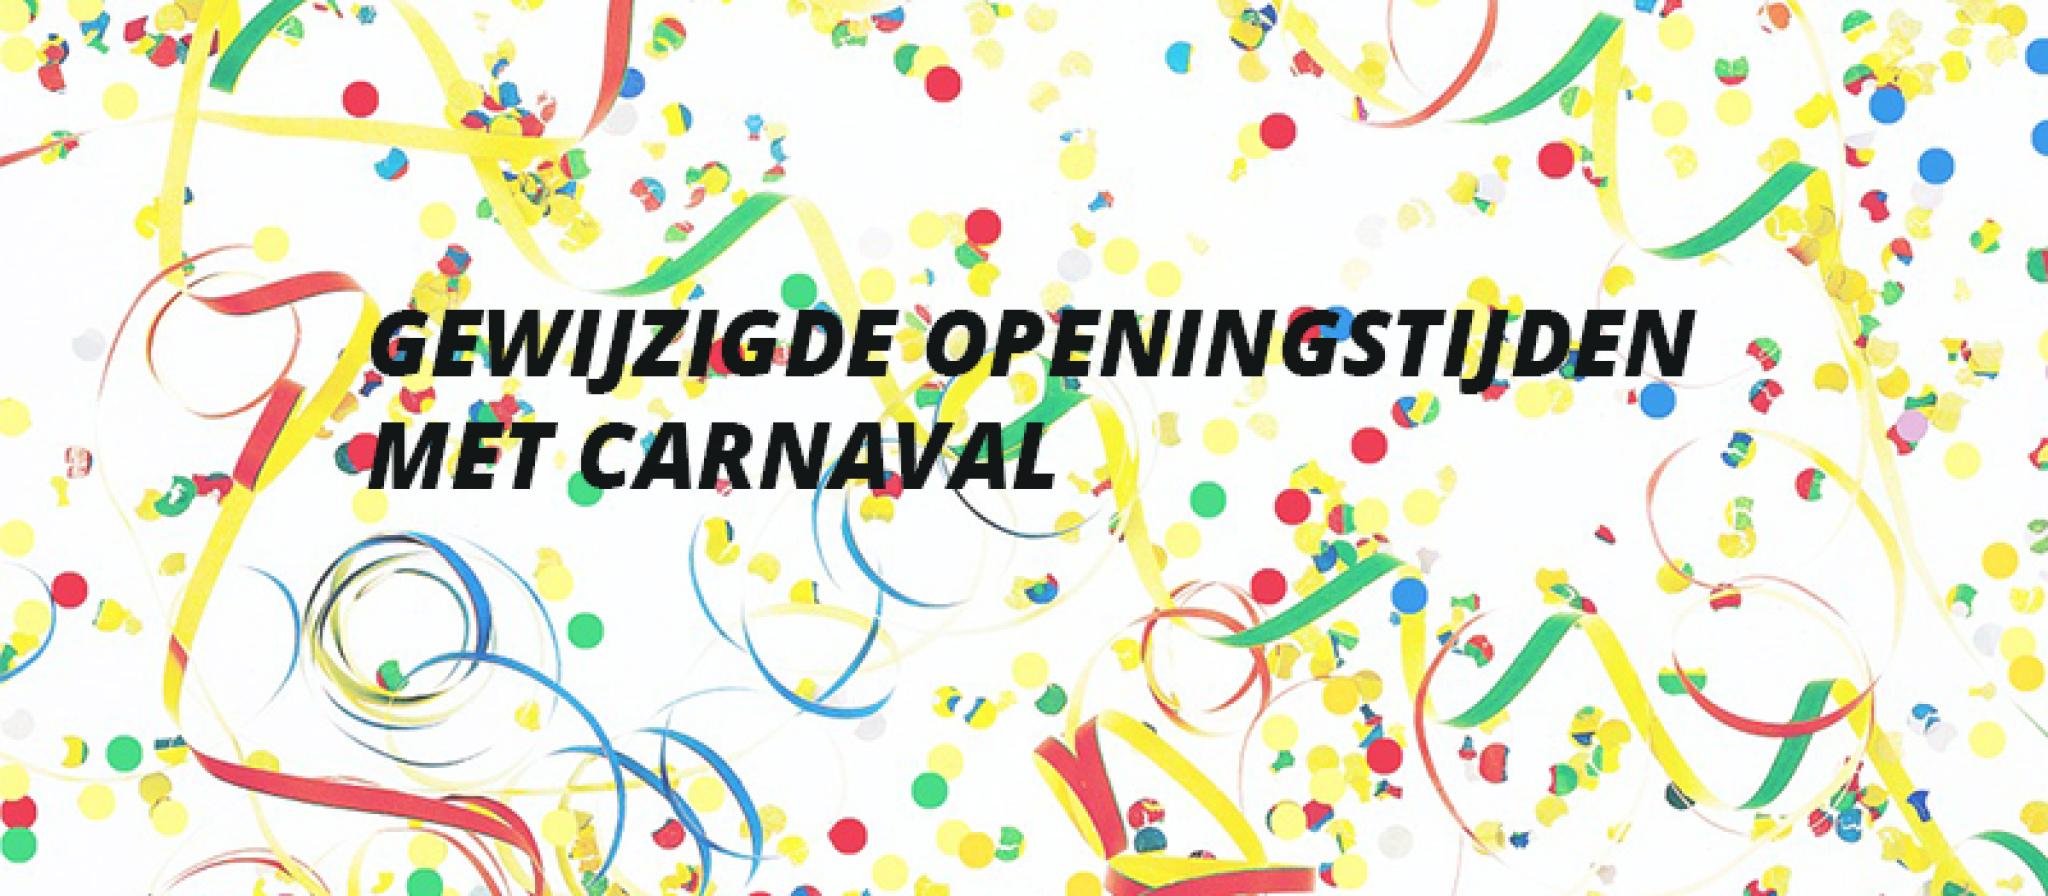 Gewijzigde openingstijden Carnaval-2020-02-19 09:49:36